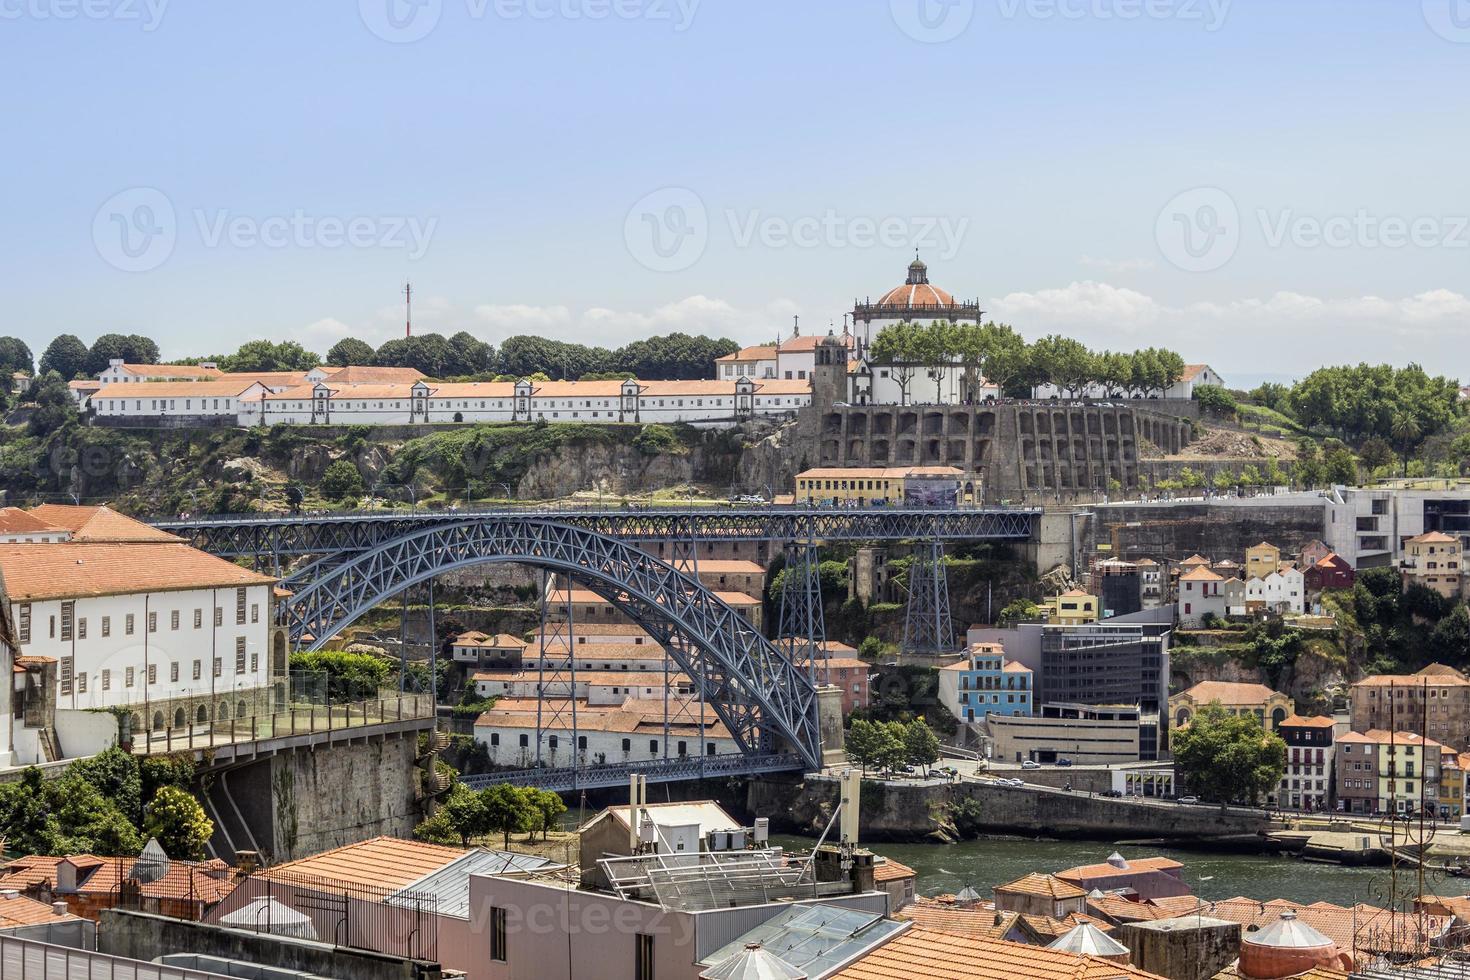 Vista del centro antiguo y el puente Dom Luiz, Porto. foto